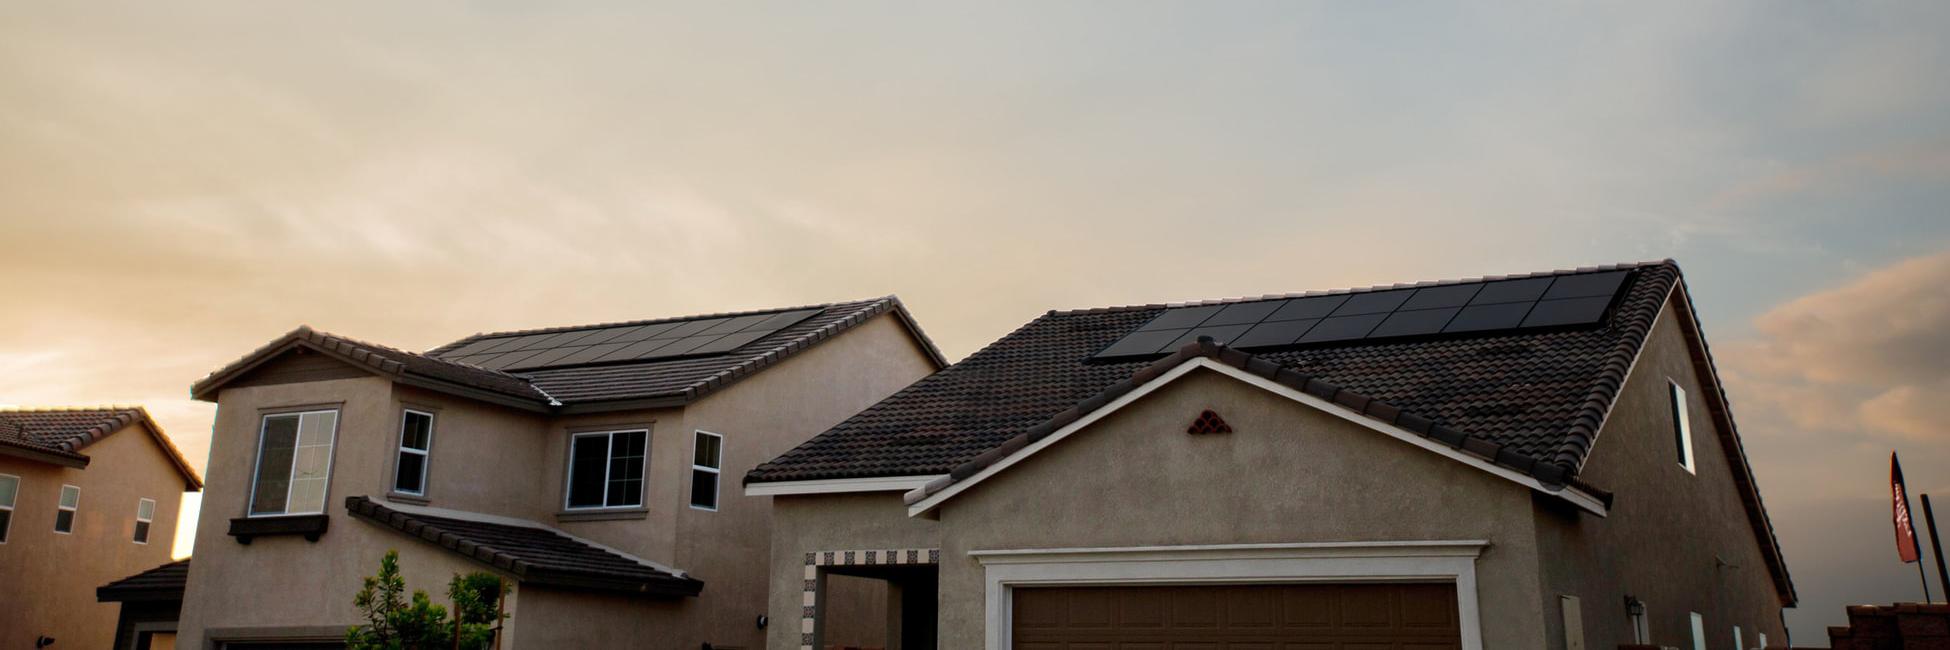 De quantos painéis solares eu preciso?